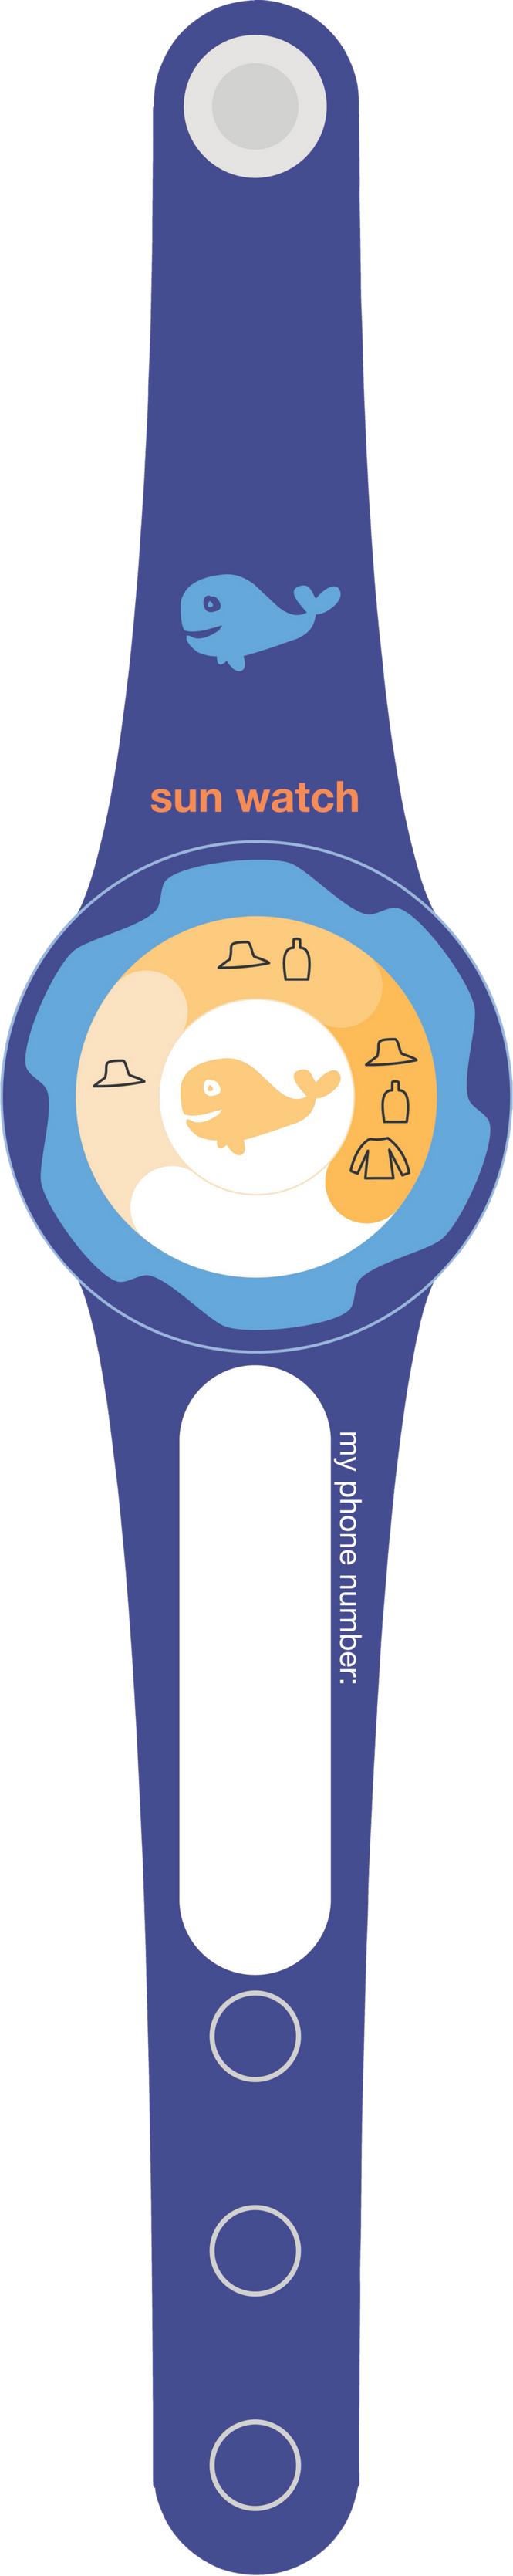 Zunblock UV kello